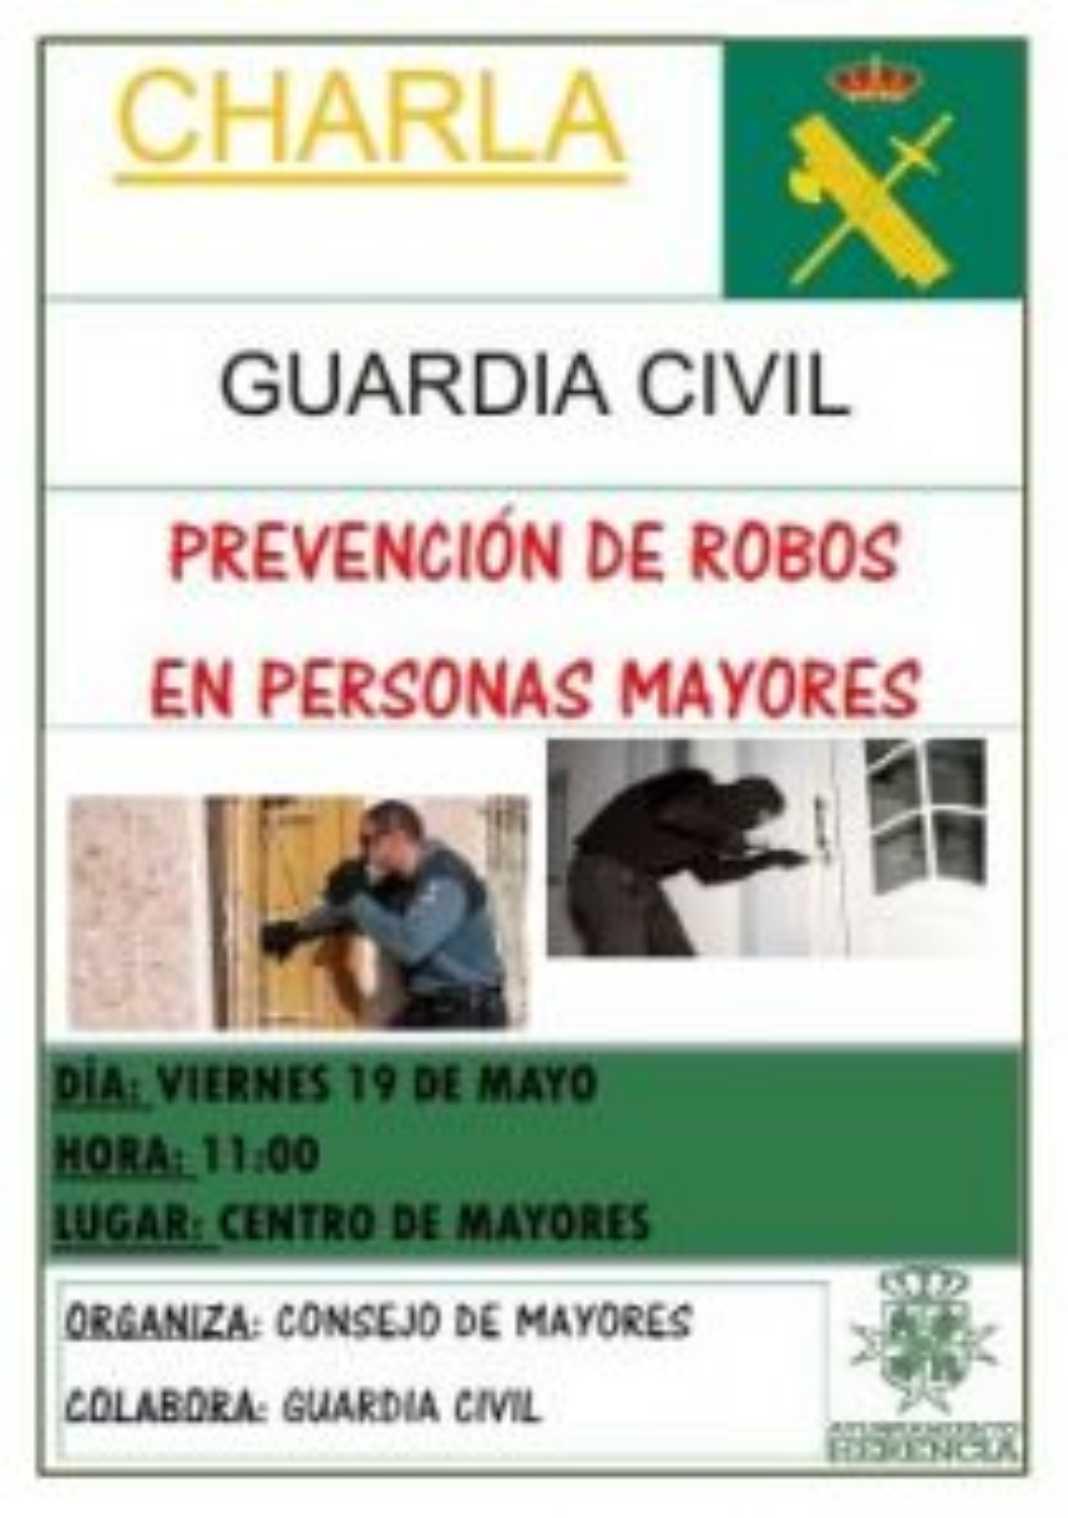 Charla mayores robos 1068x1518 - La Guardia Civil  de Herencia realiza una charla para prevenir los robos